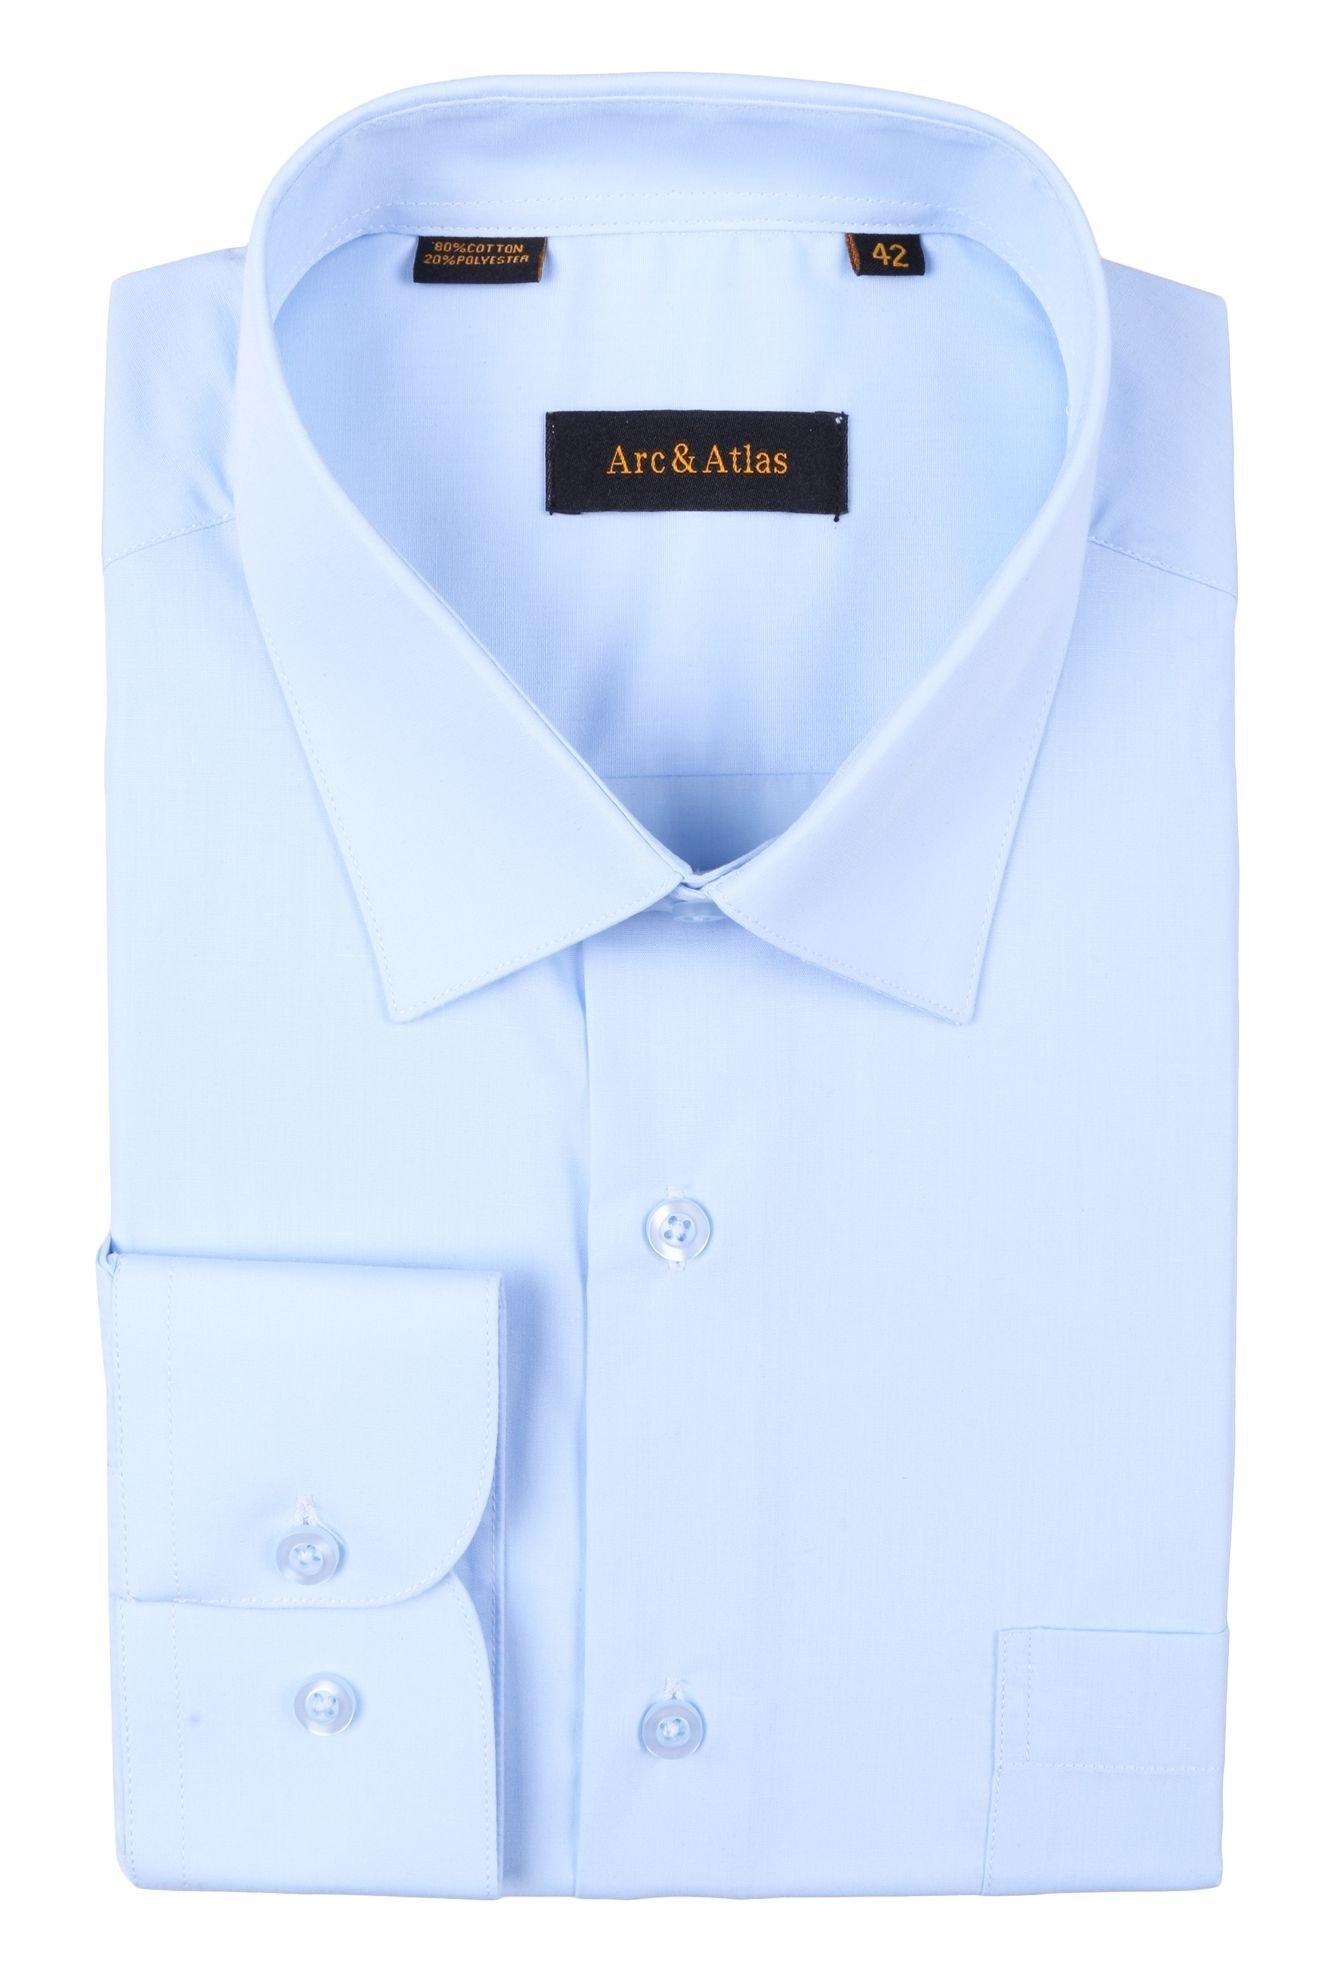 Рубашка мужская классика однотонная цвет голубой с длинным рукавом  (Арт. OD-007)